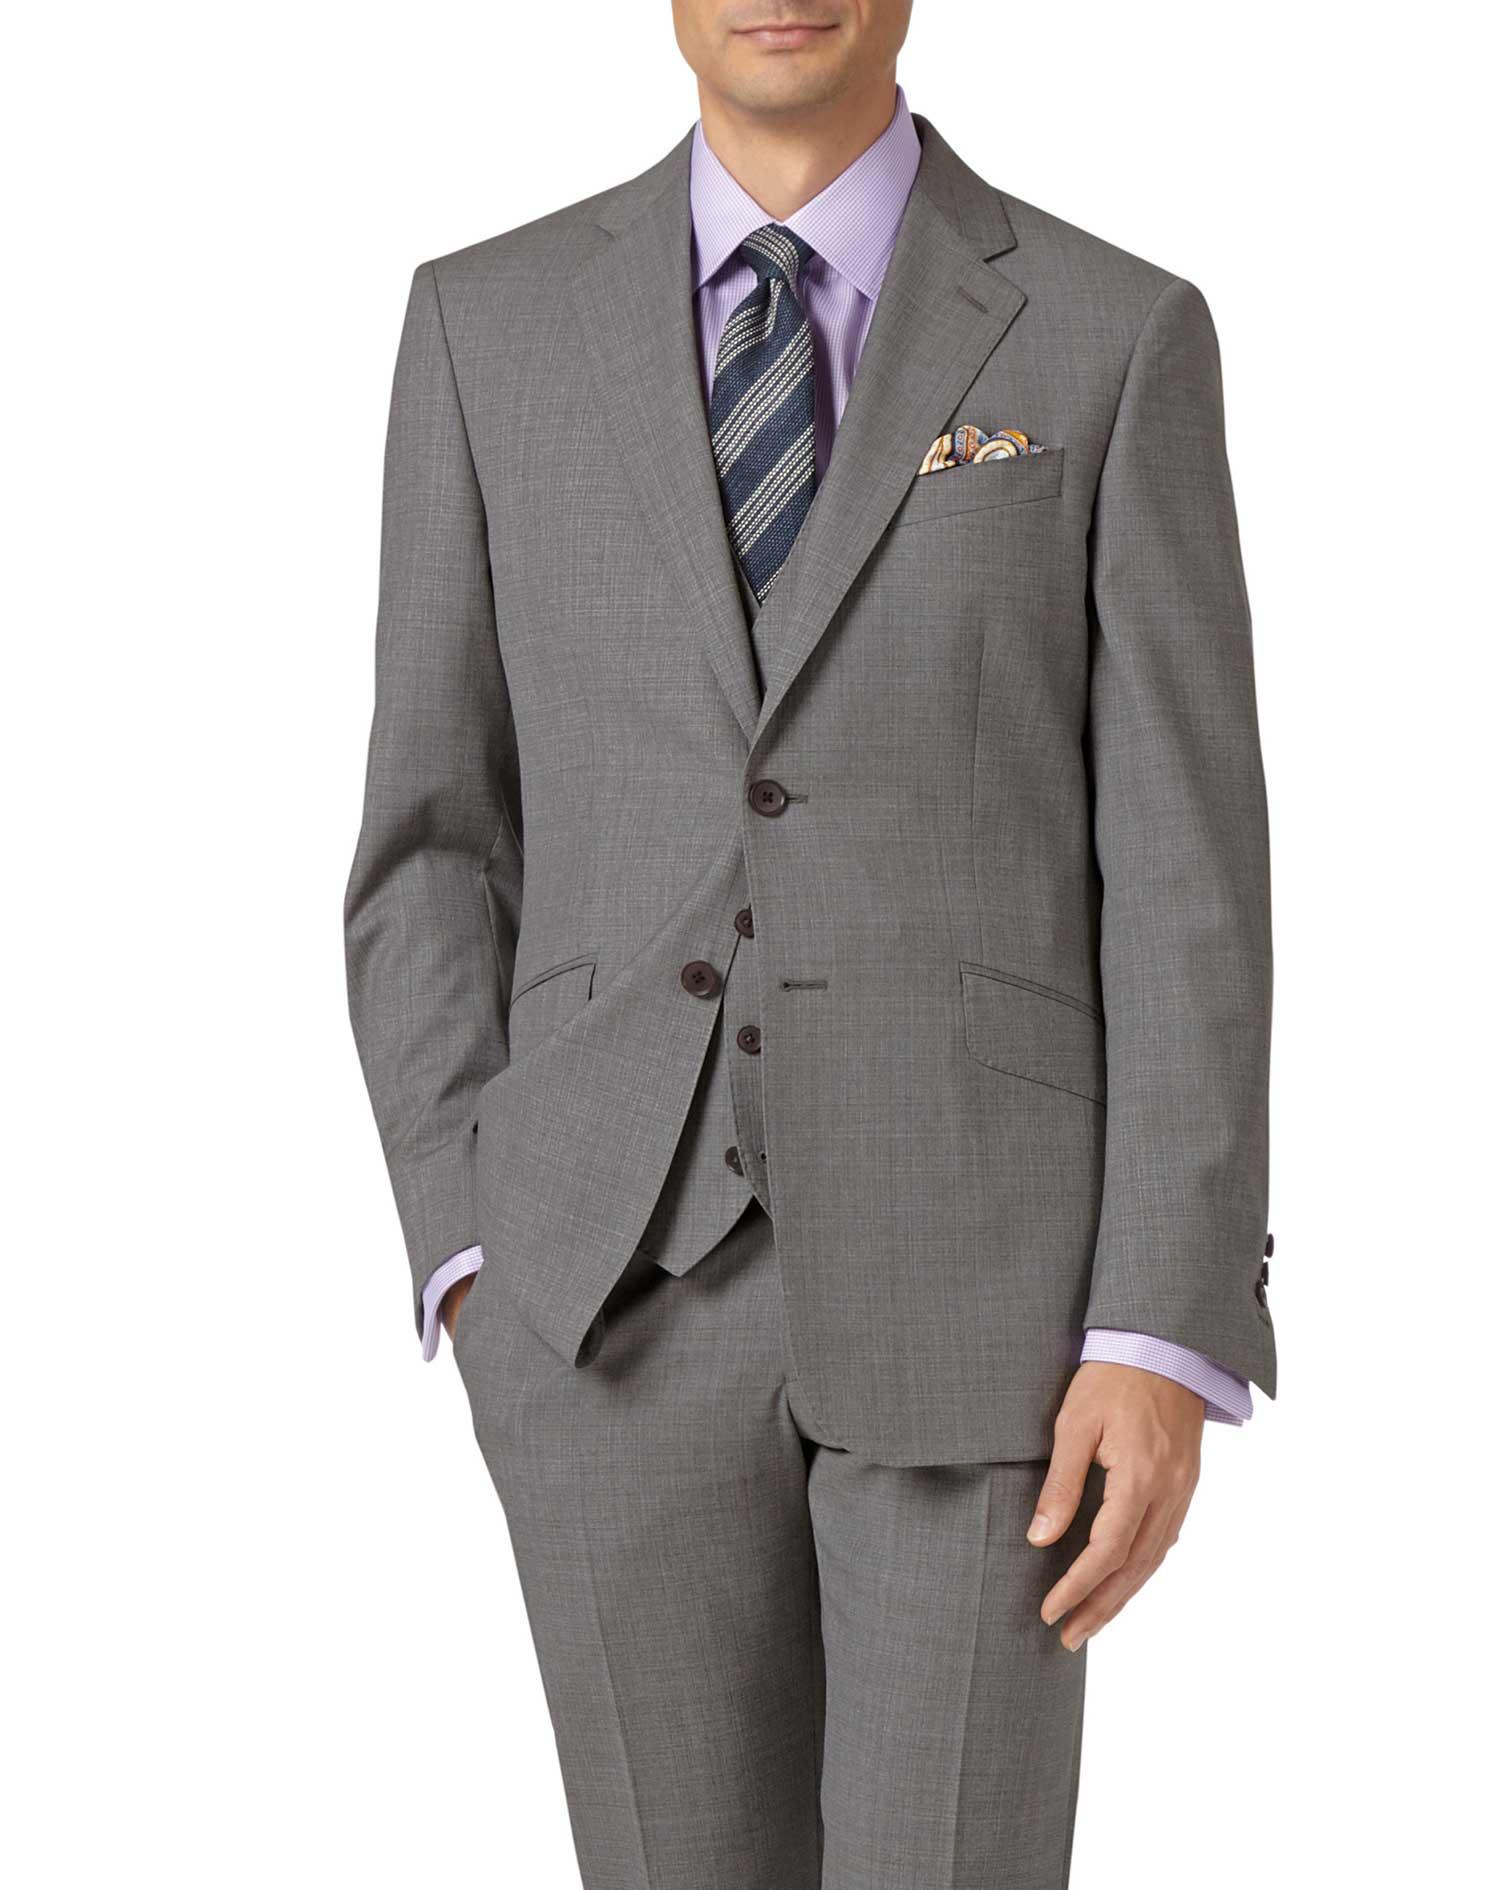 Silver Adjustable Fit Cross Hatch Weave Italian Suit Wool Waistcoat Size w48 by Charles Tyrwhitt